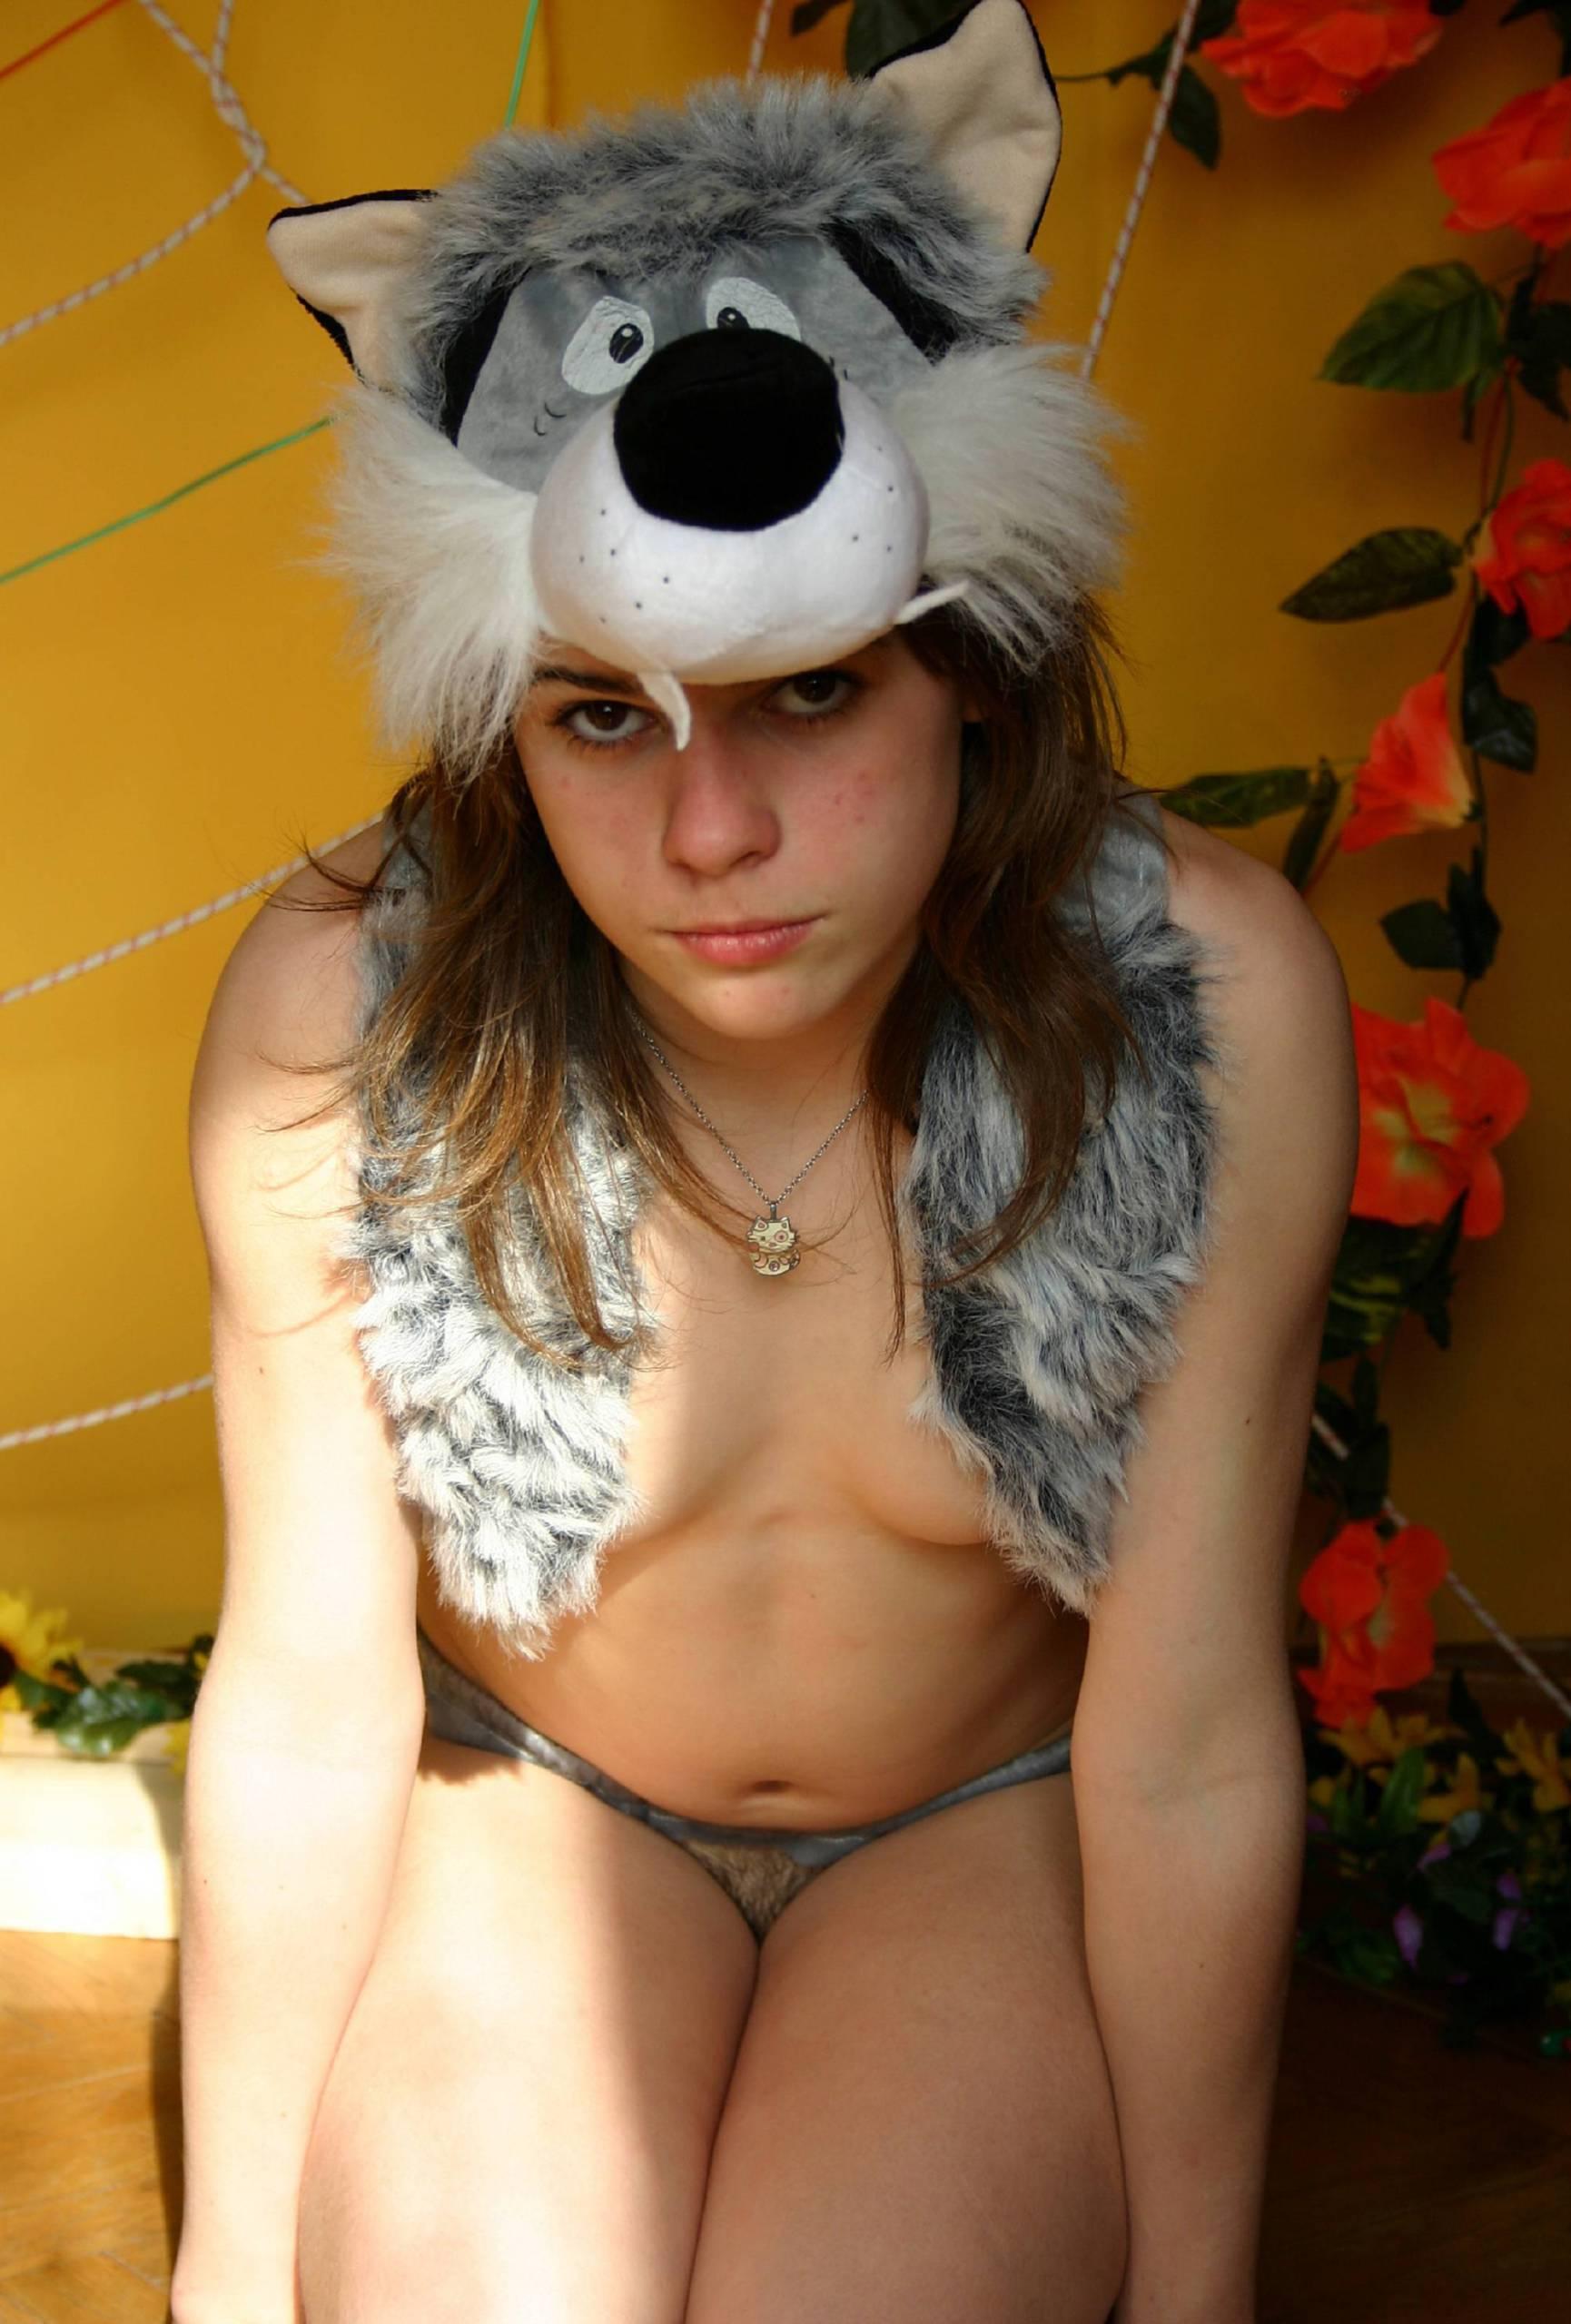 Nudist Photos Nudist and Woolf Costume - 2